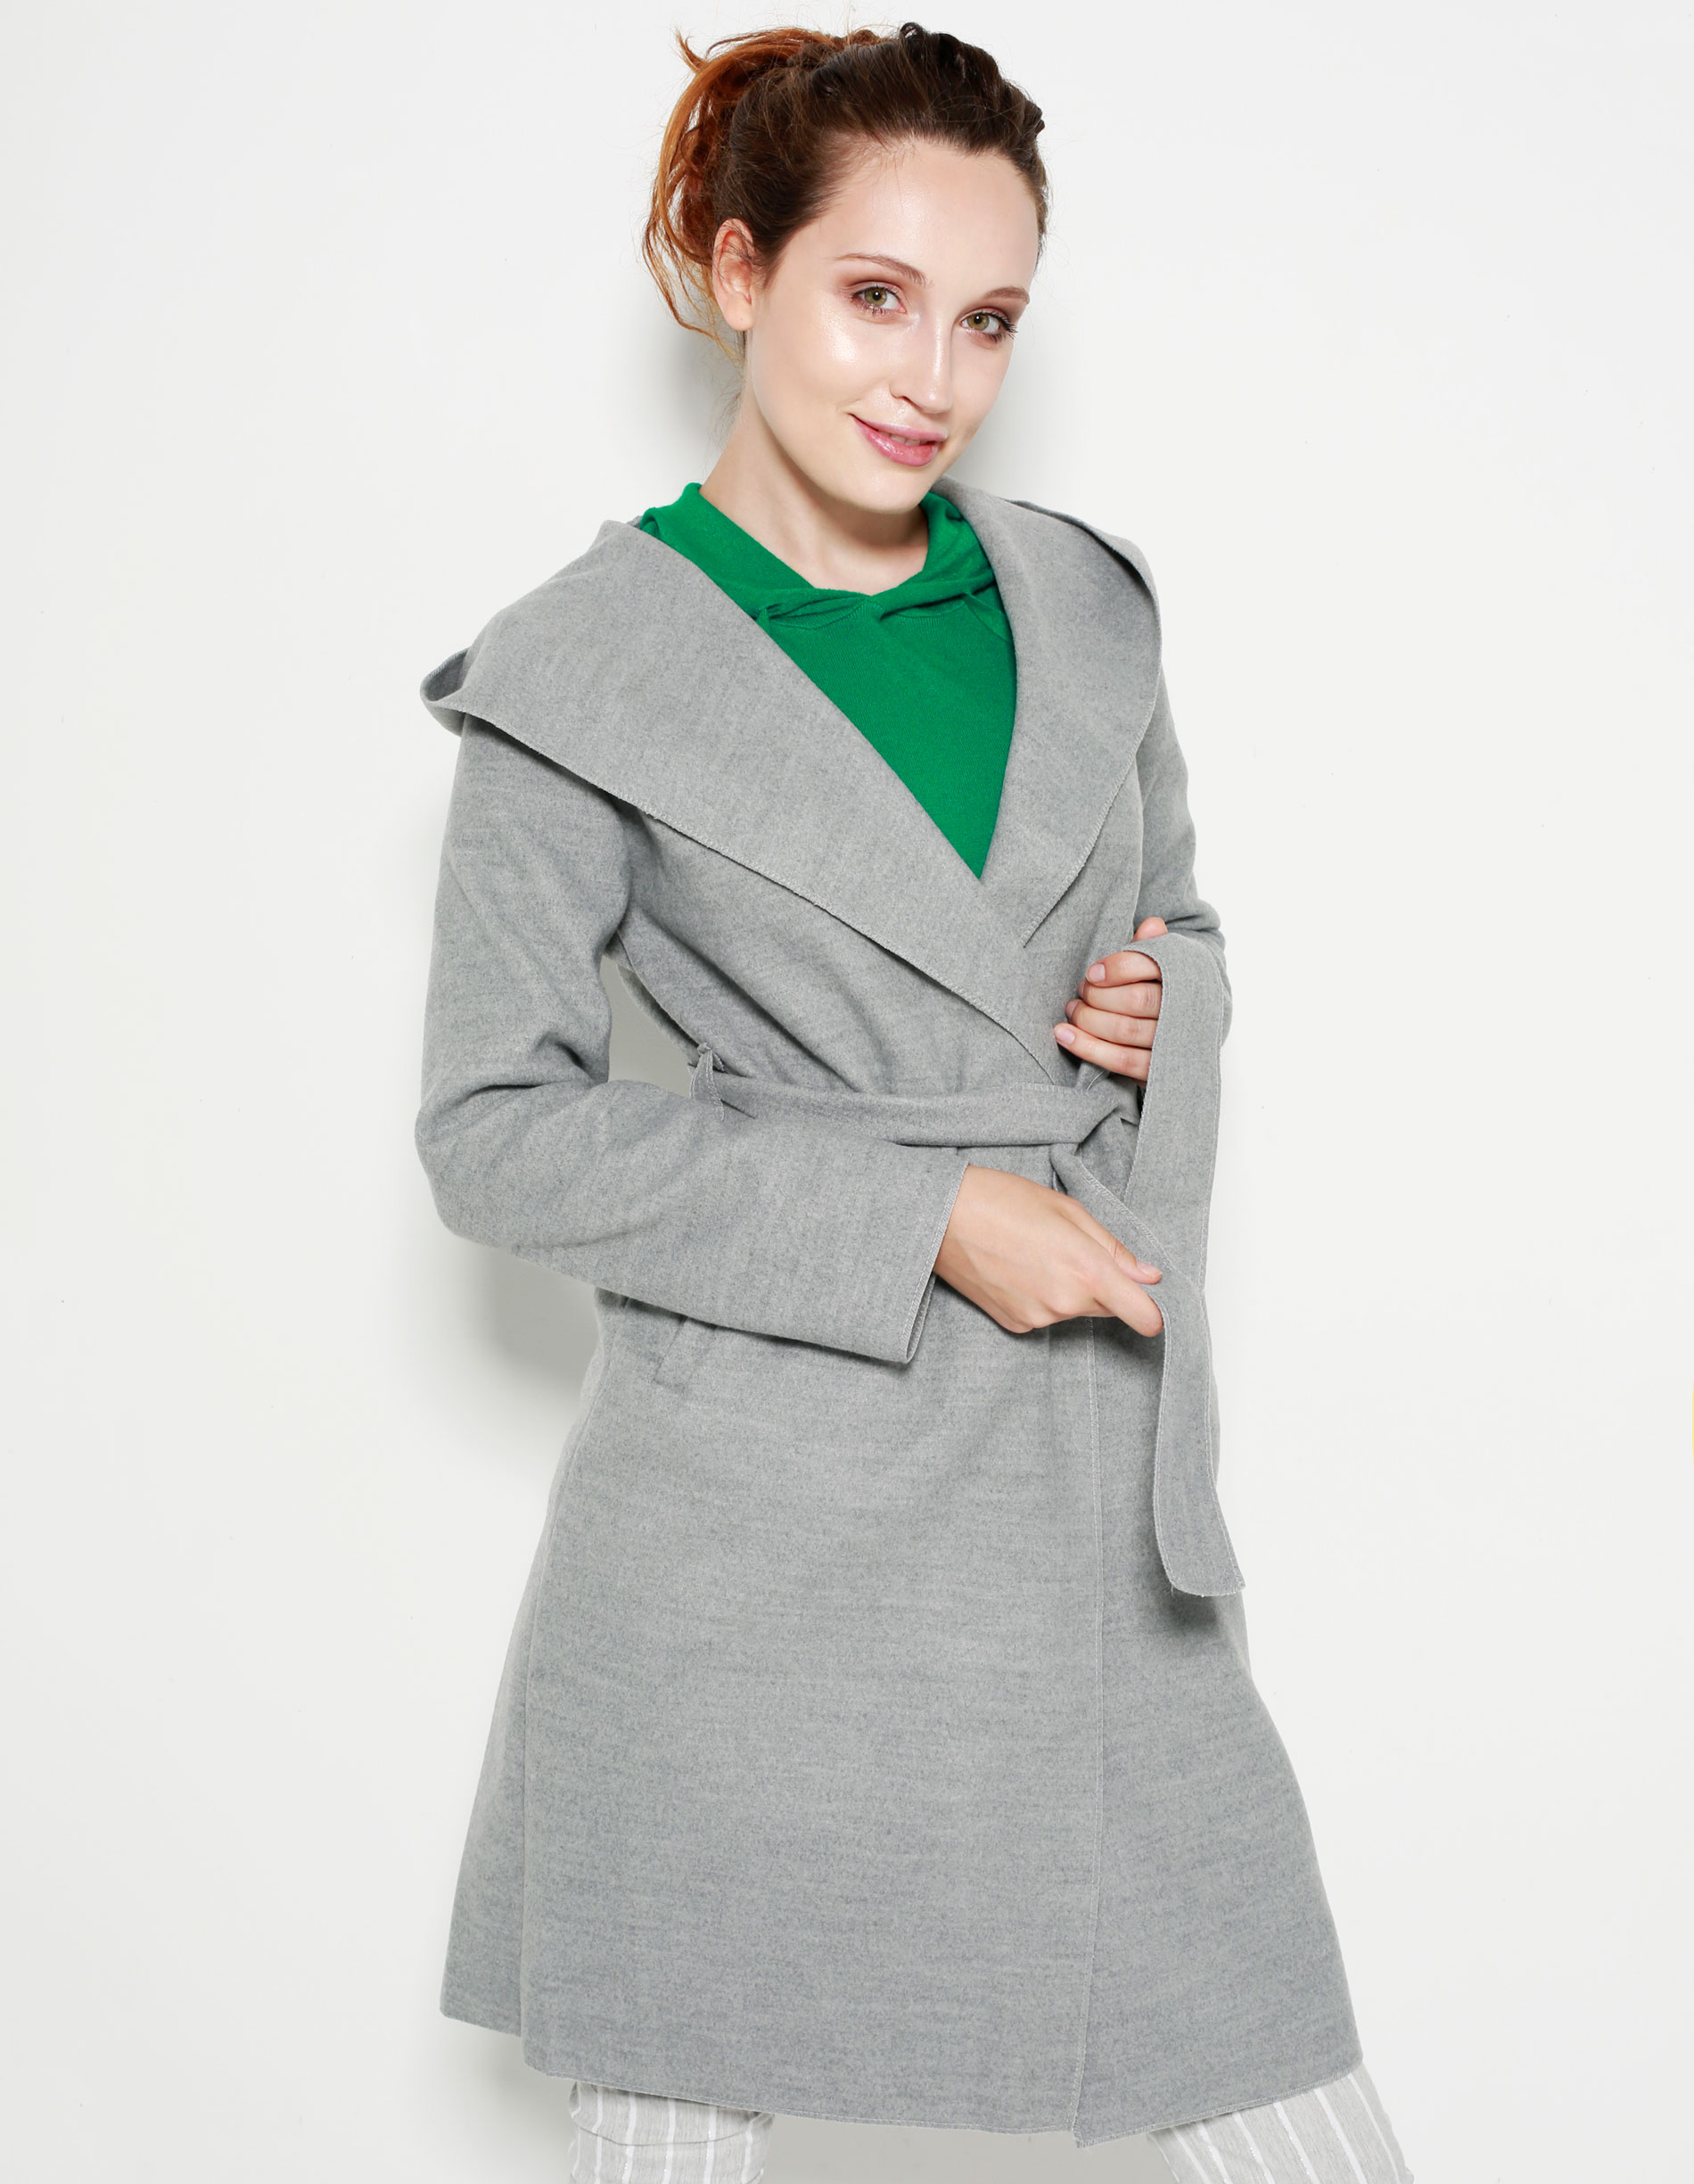 Płaszcz materiałowy - 65-6292 GR CH - Unisono